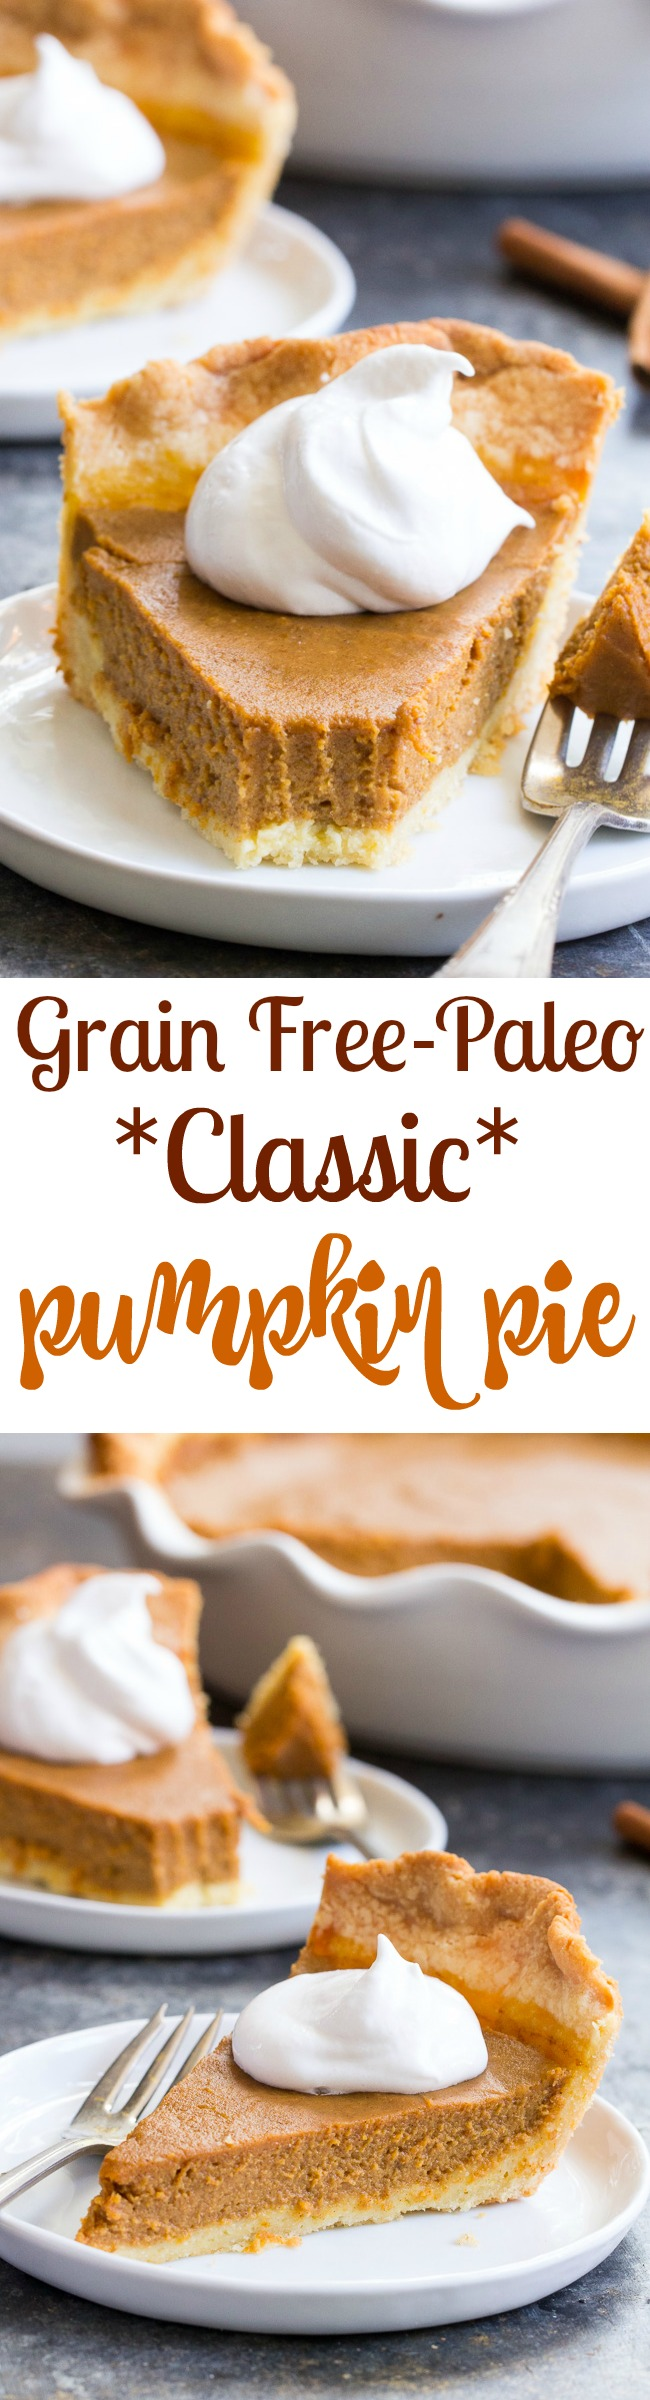 Grain Free Paleo Pumpkin Pie